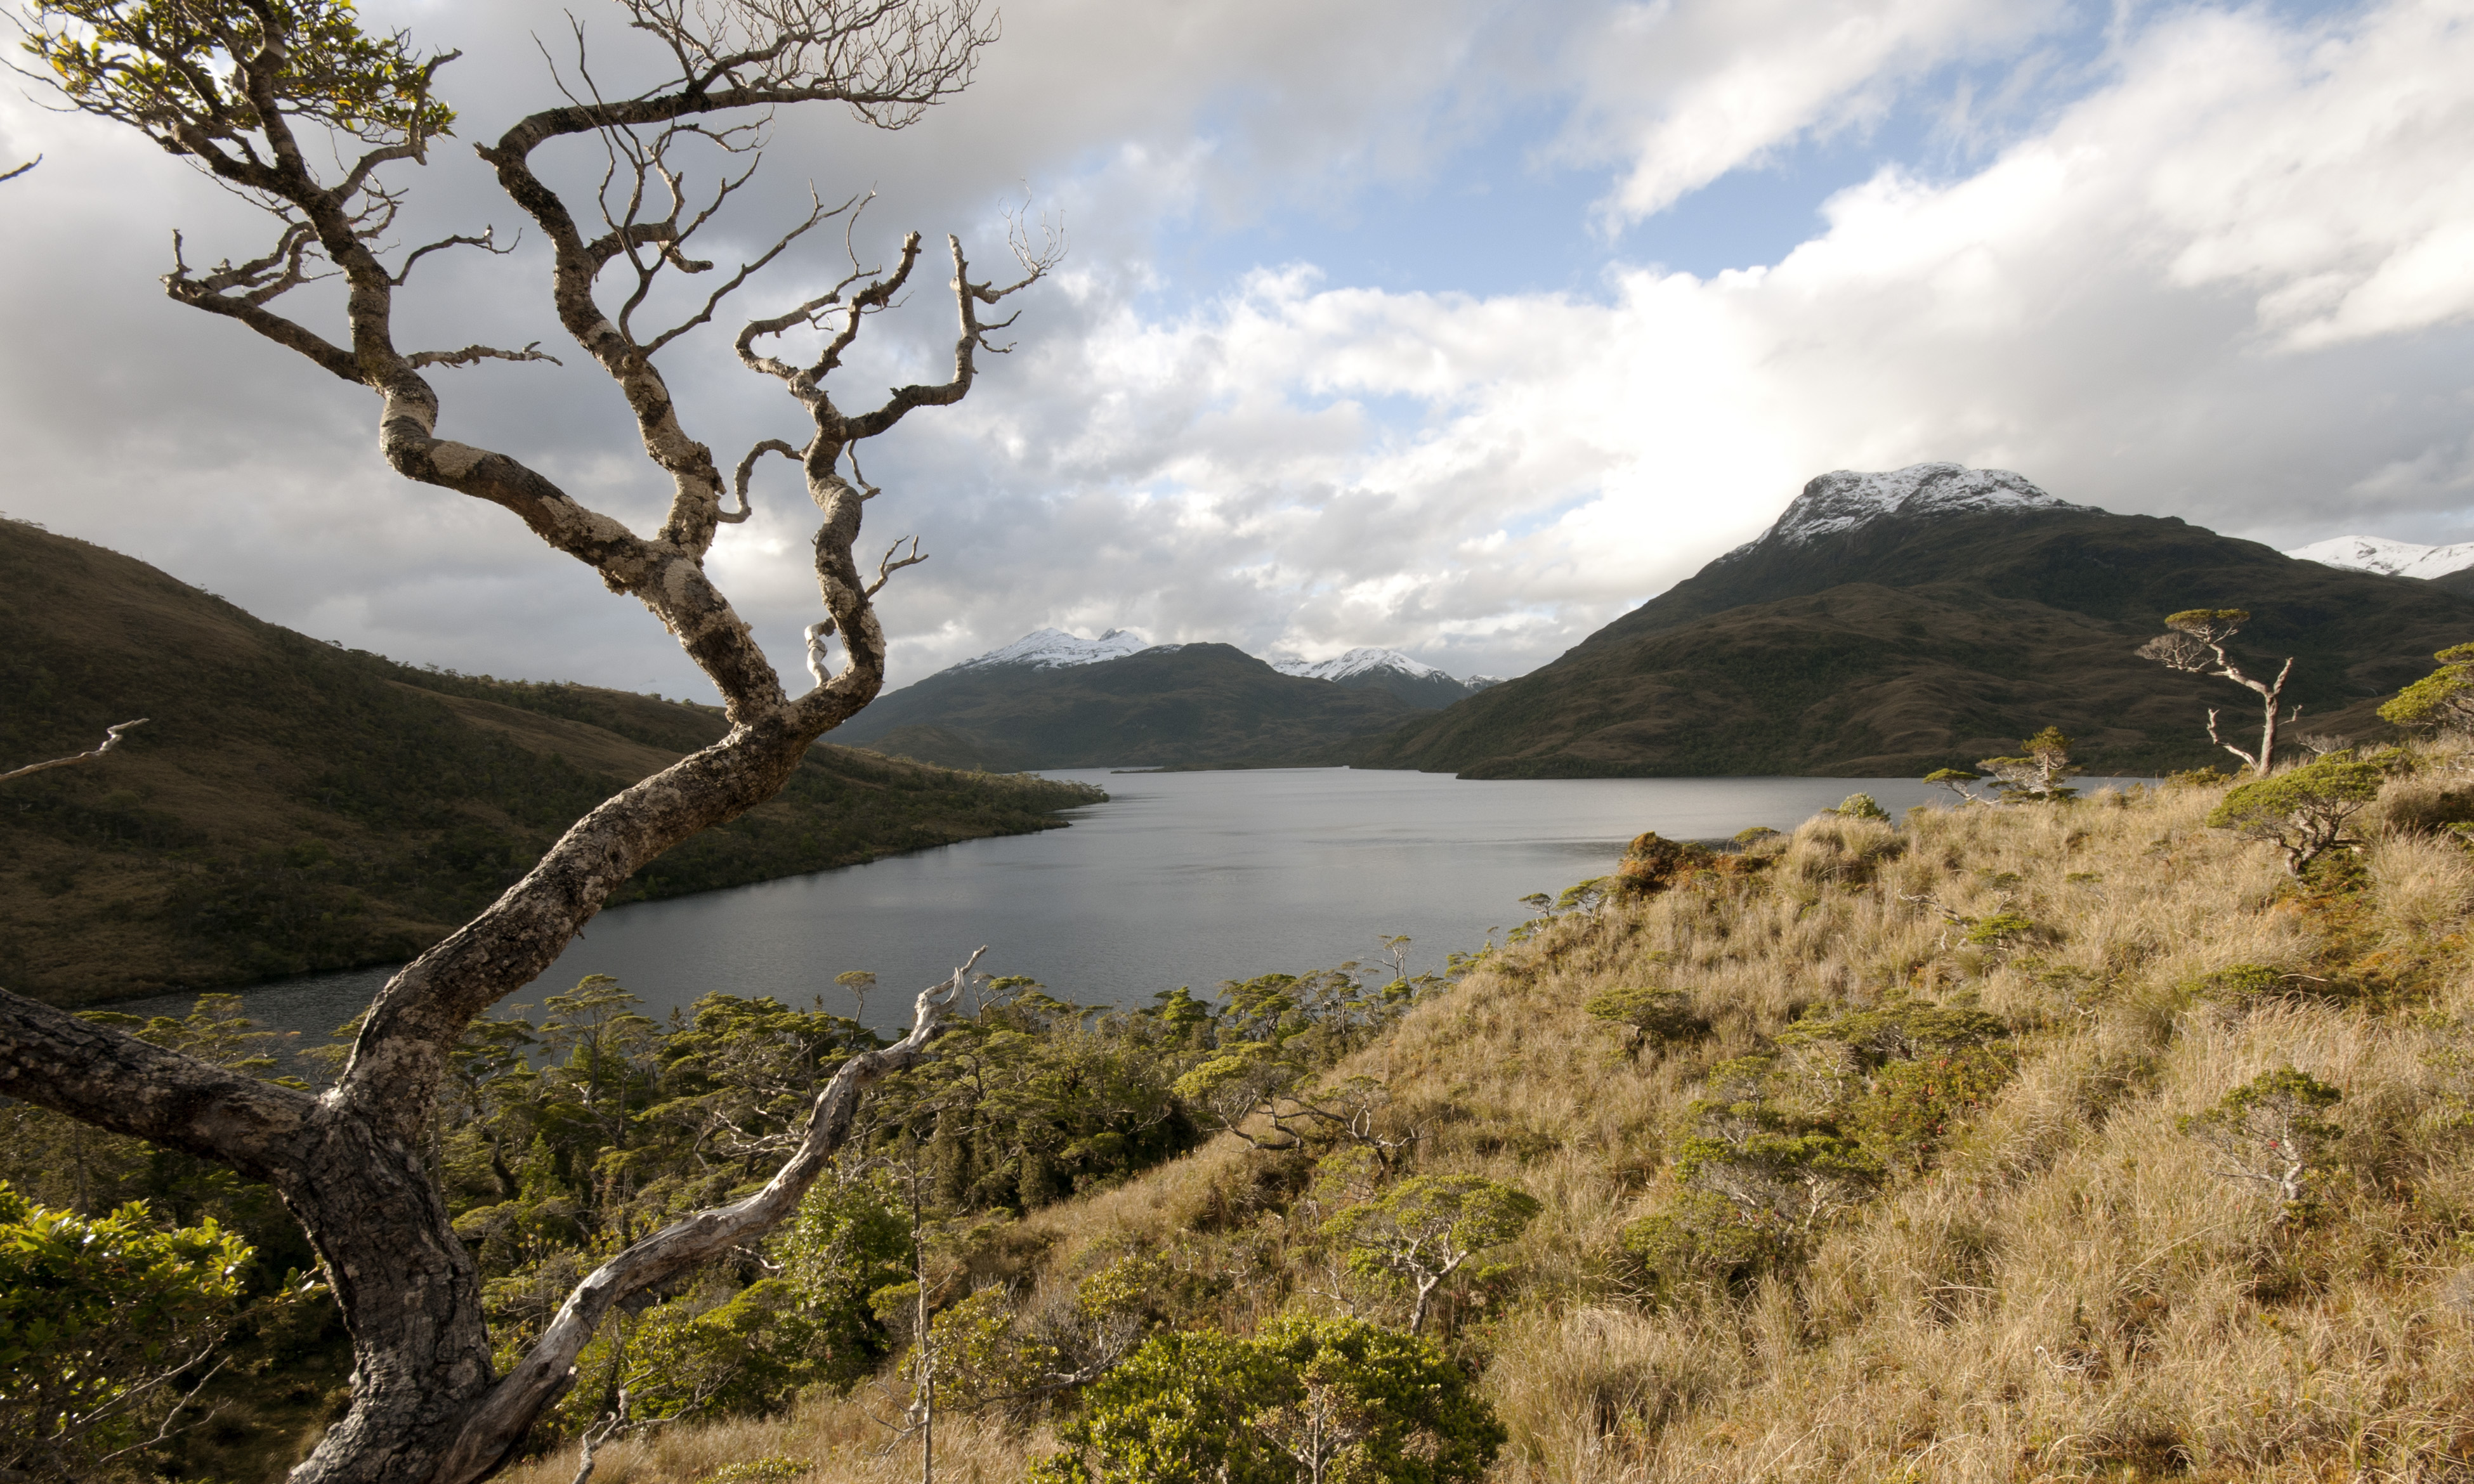 Autoridad ambiental revierte decisión de CEA al aprobar tronaduras en Isla Riesco